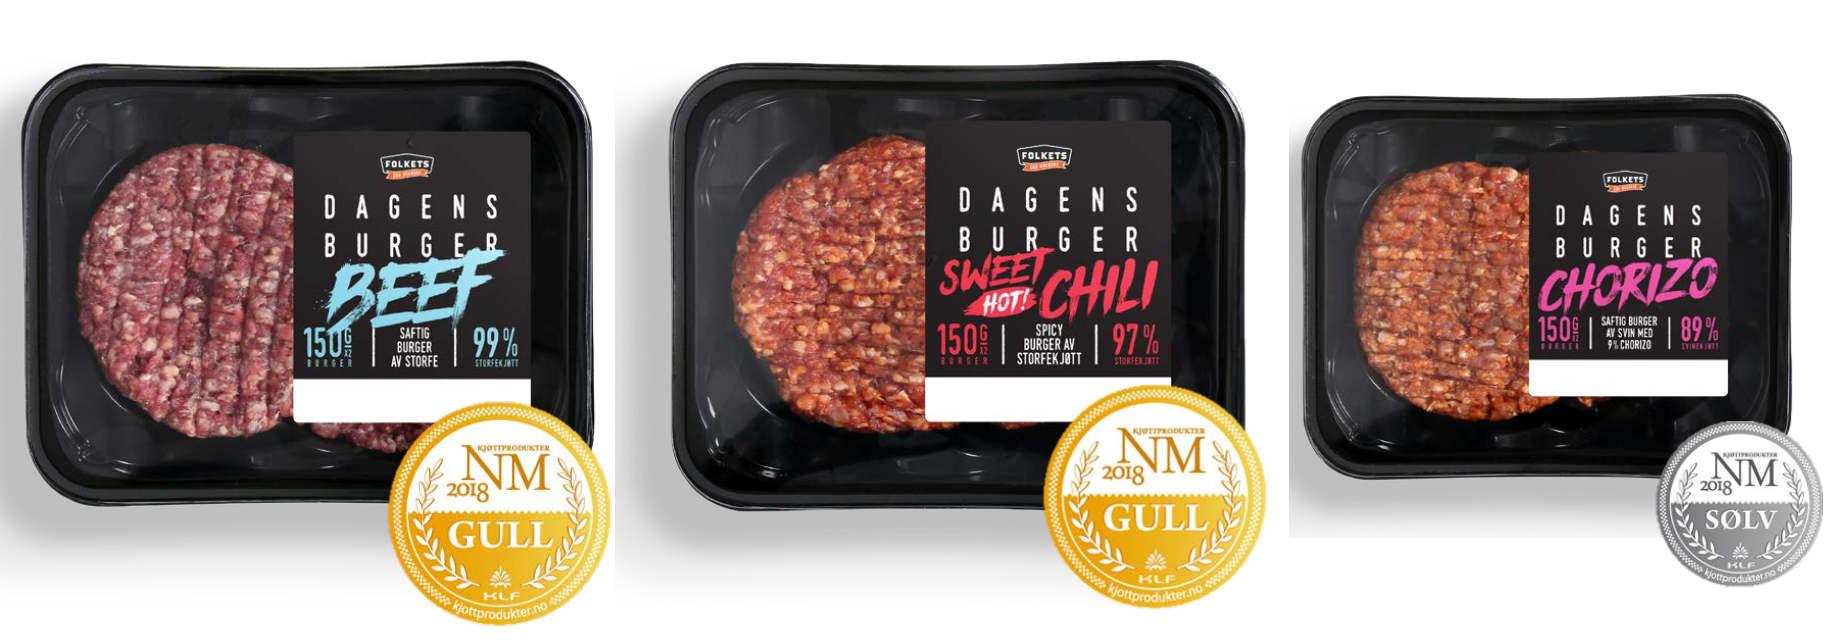 BURGERVINNERE: Disse burgerne fikk medalje i NM i kjøttprodukter 2018